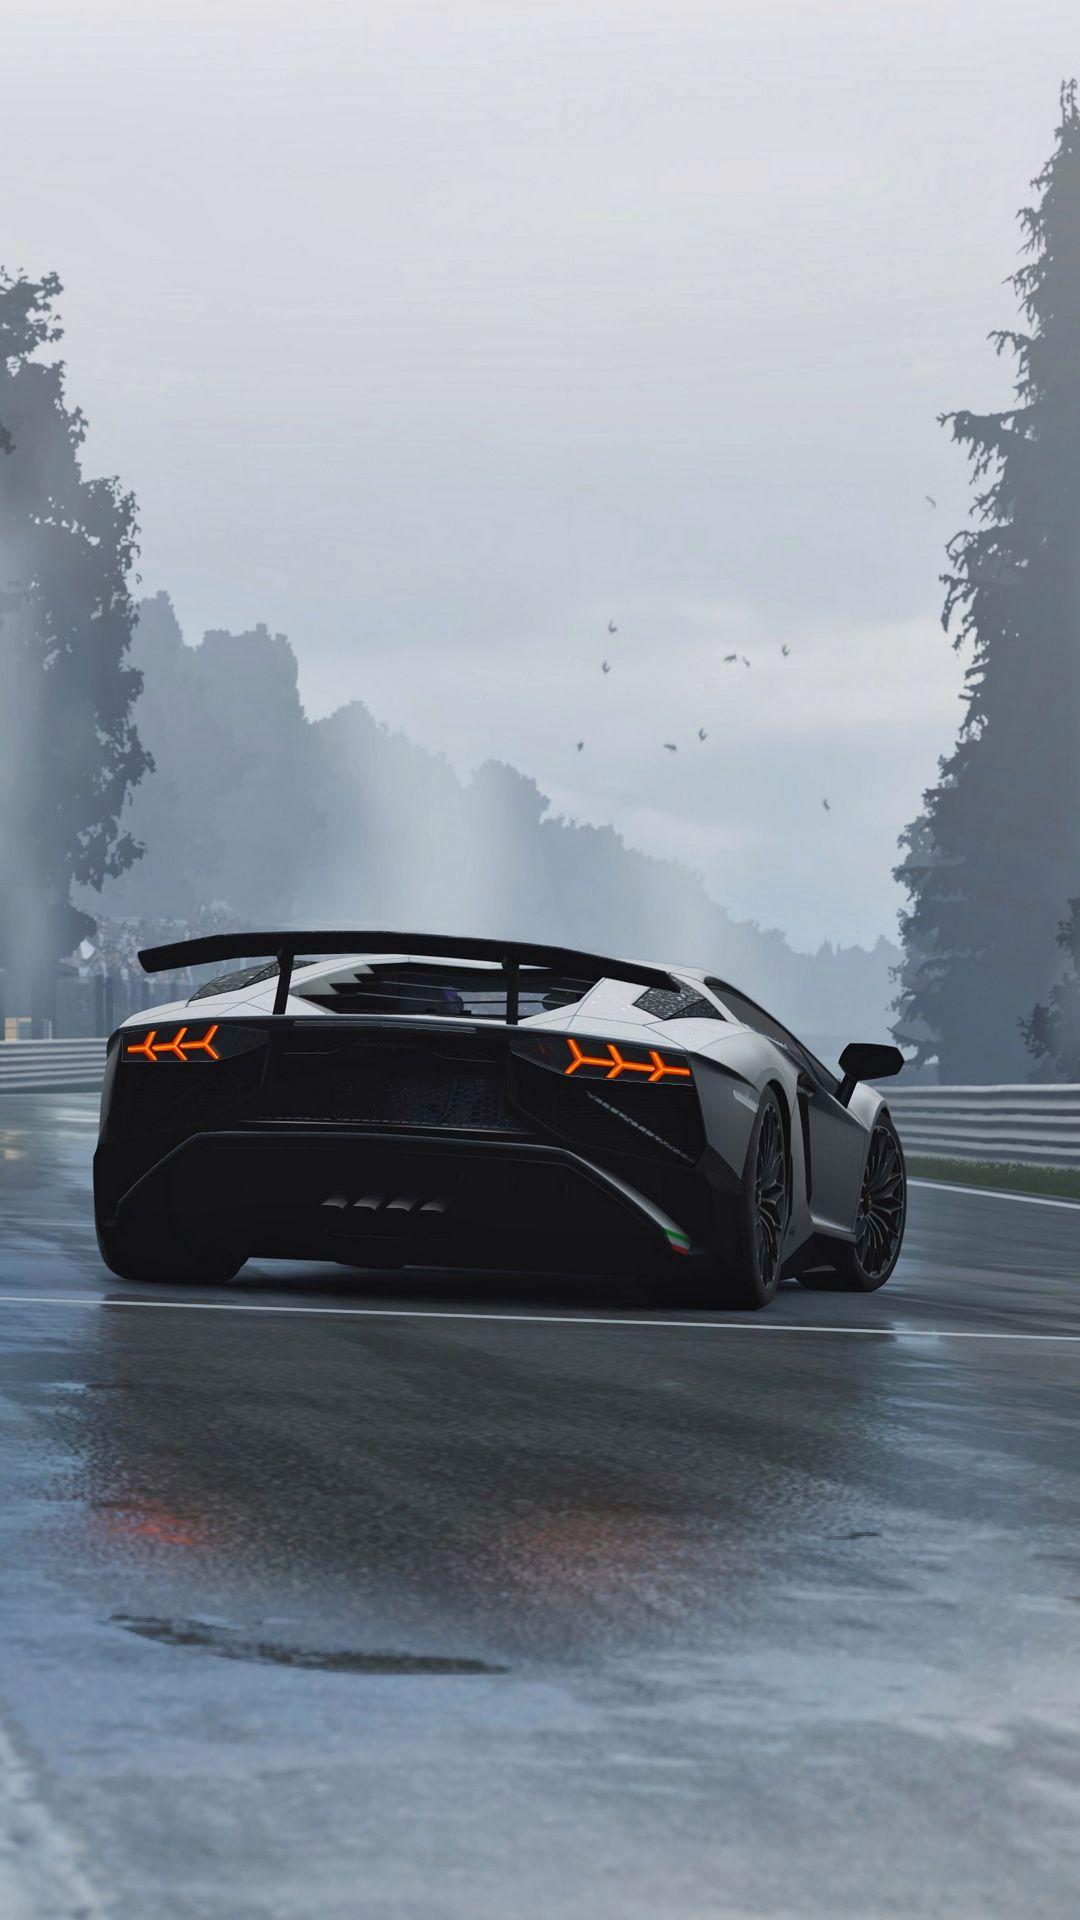 Lamborghini Murcielago Wallpapers Free Download